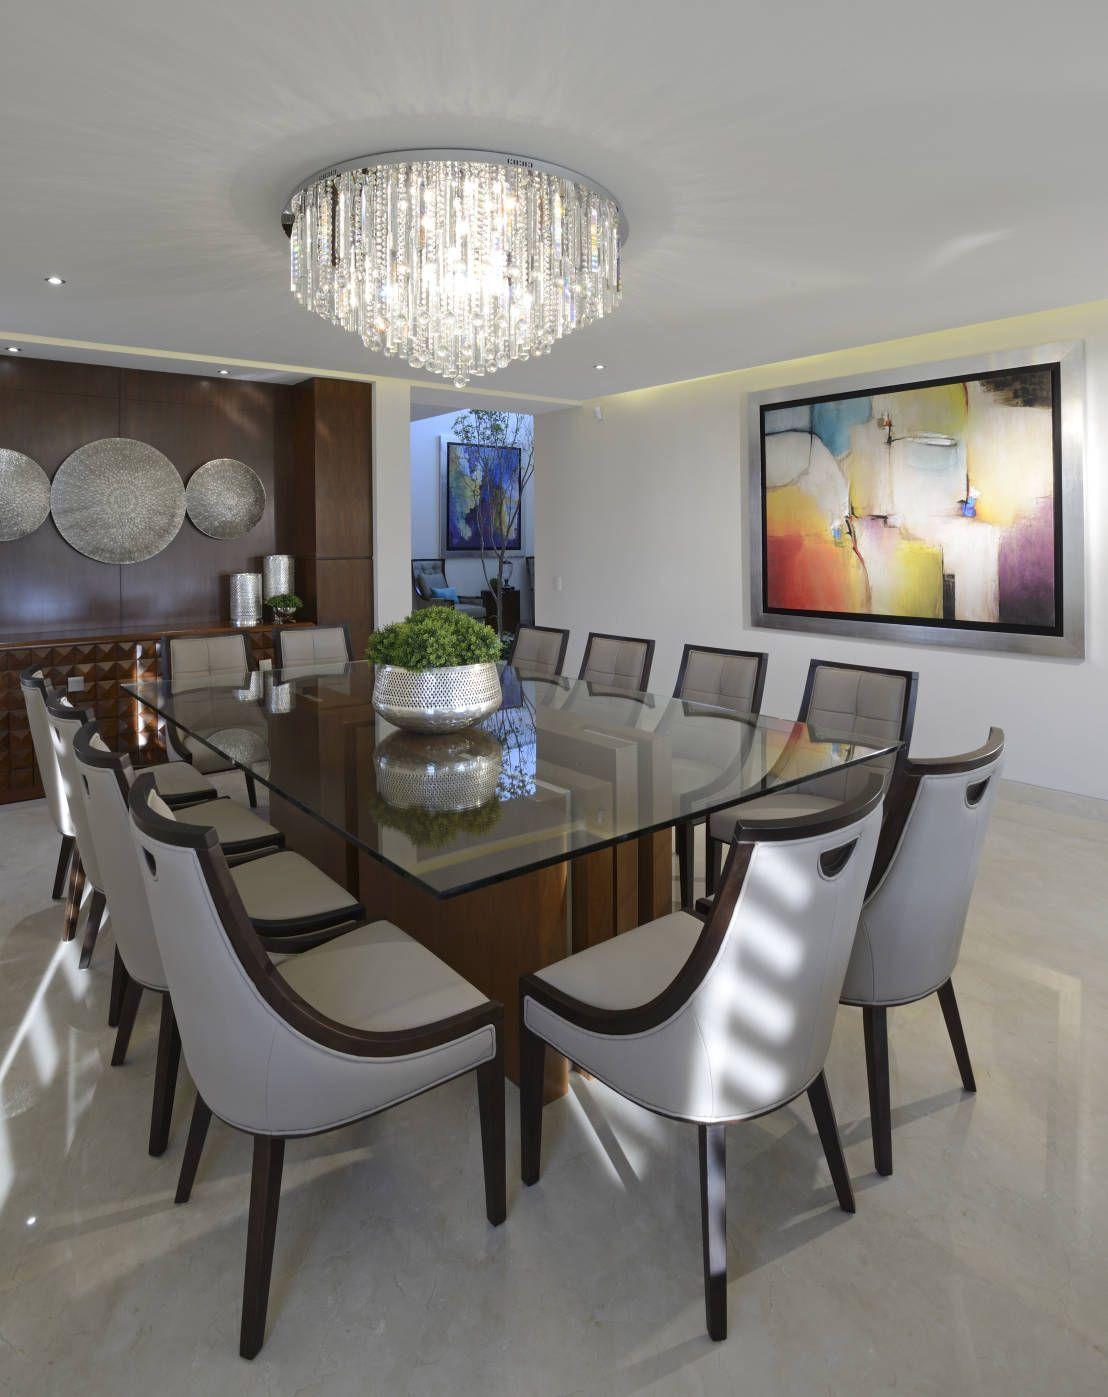 Una Casa Elegante Y Muy Hermosa Decoracion De Comedores Modernos Decoracion De Comedor Y Diseno De Interiores